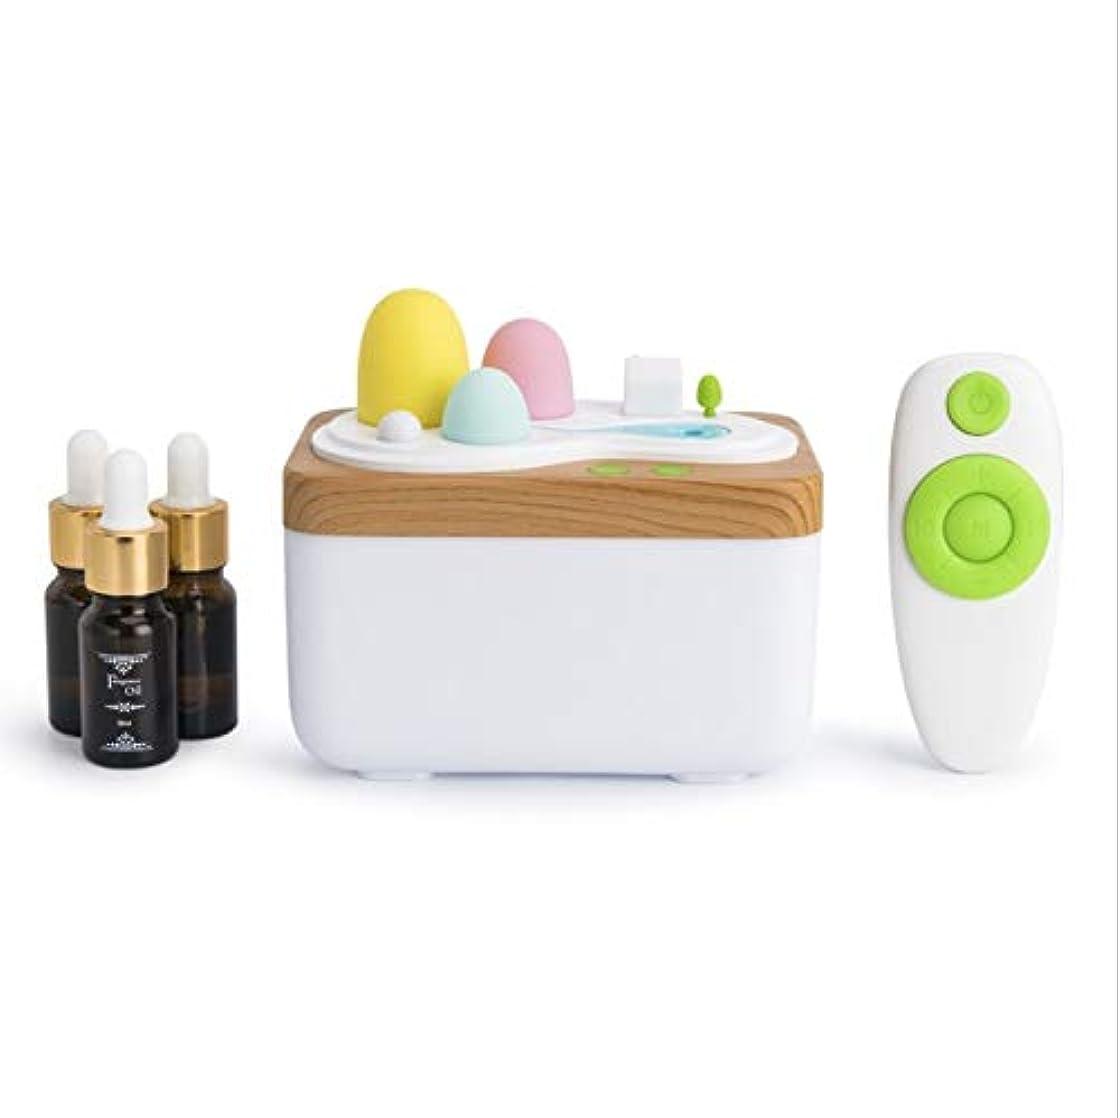 風邪をひくアクチュエータ手書きホームベッドルームオフィスに適しアロマディフューザー、リモート超音波USB香ランプ加湿器、420ML大型水タンク、自動閉会、田園風景、 (Color : Aromatherapy)